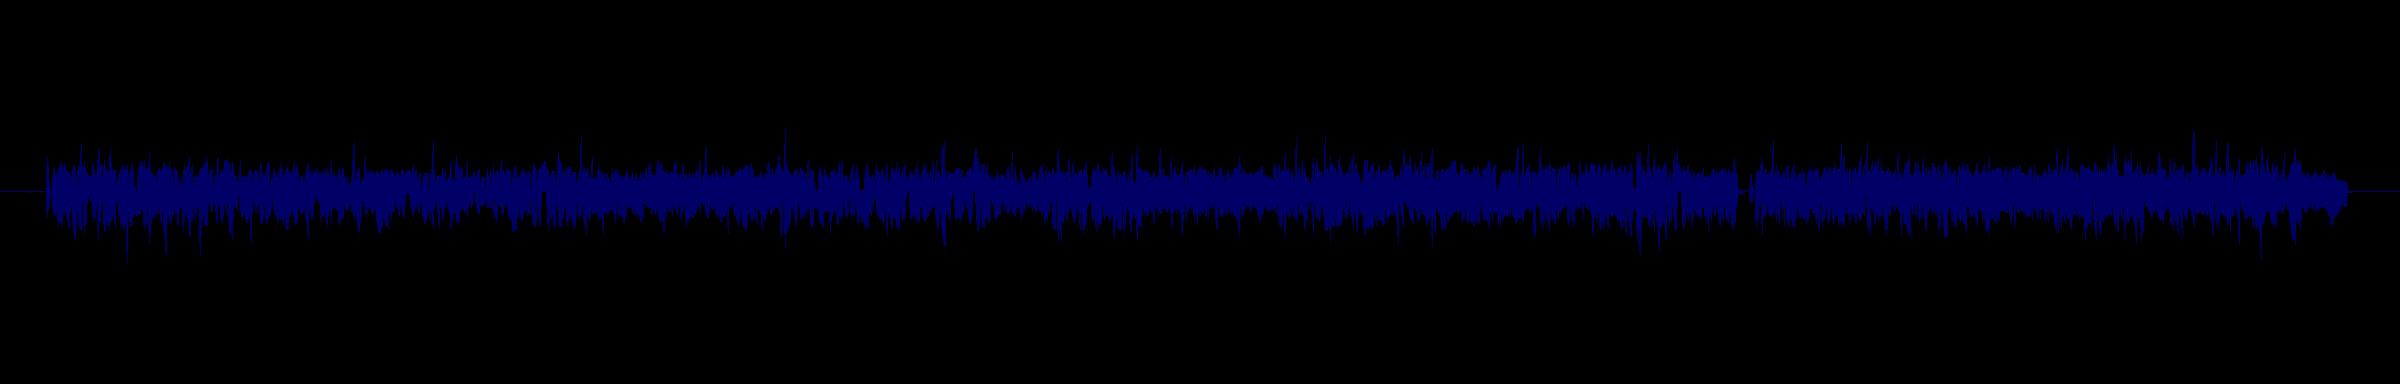 waveform of track #152303